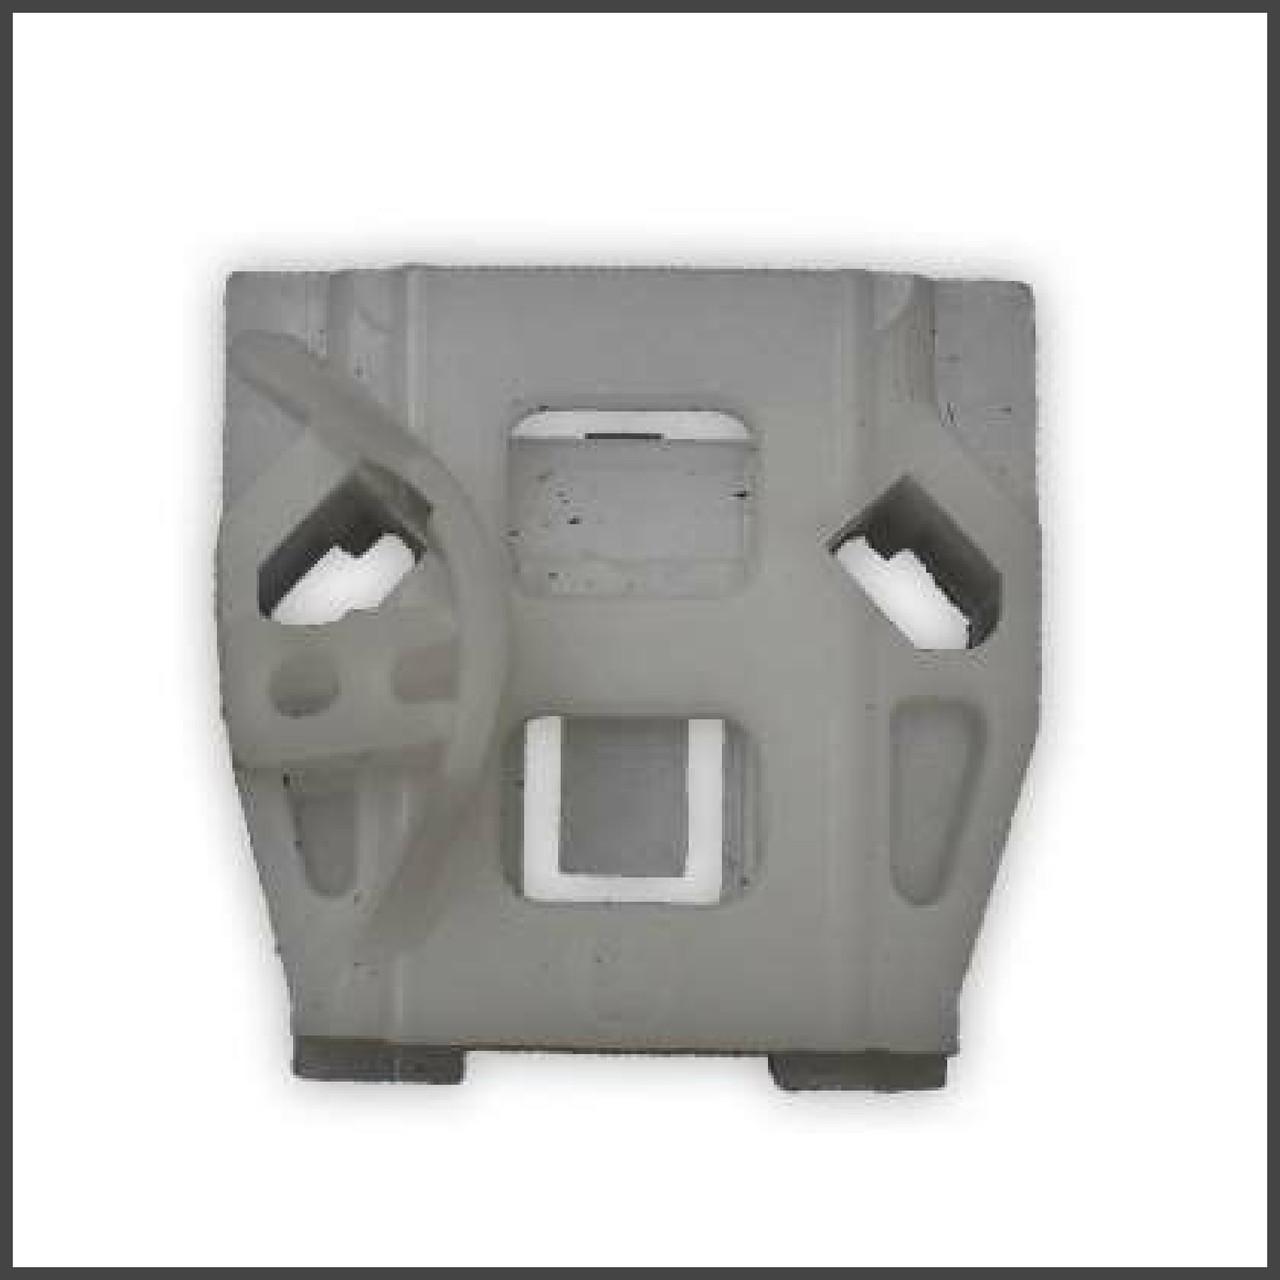 Механізм склопідіймача фіксатор скріпка передня ліва двері Volkswagen, Seat, Peugeot (Front L)